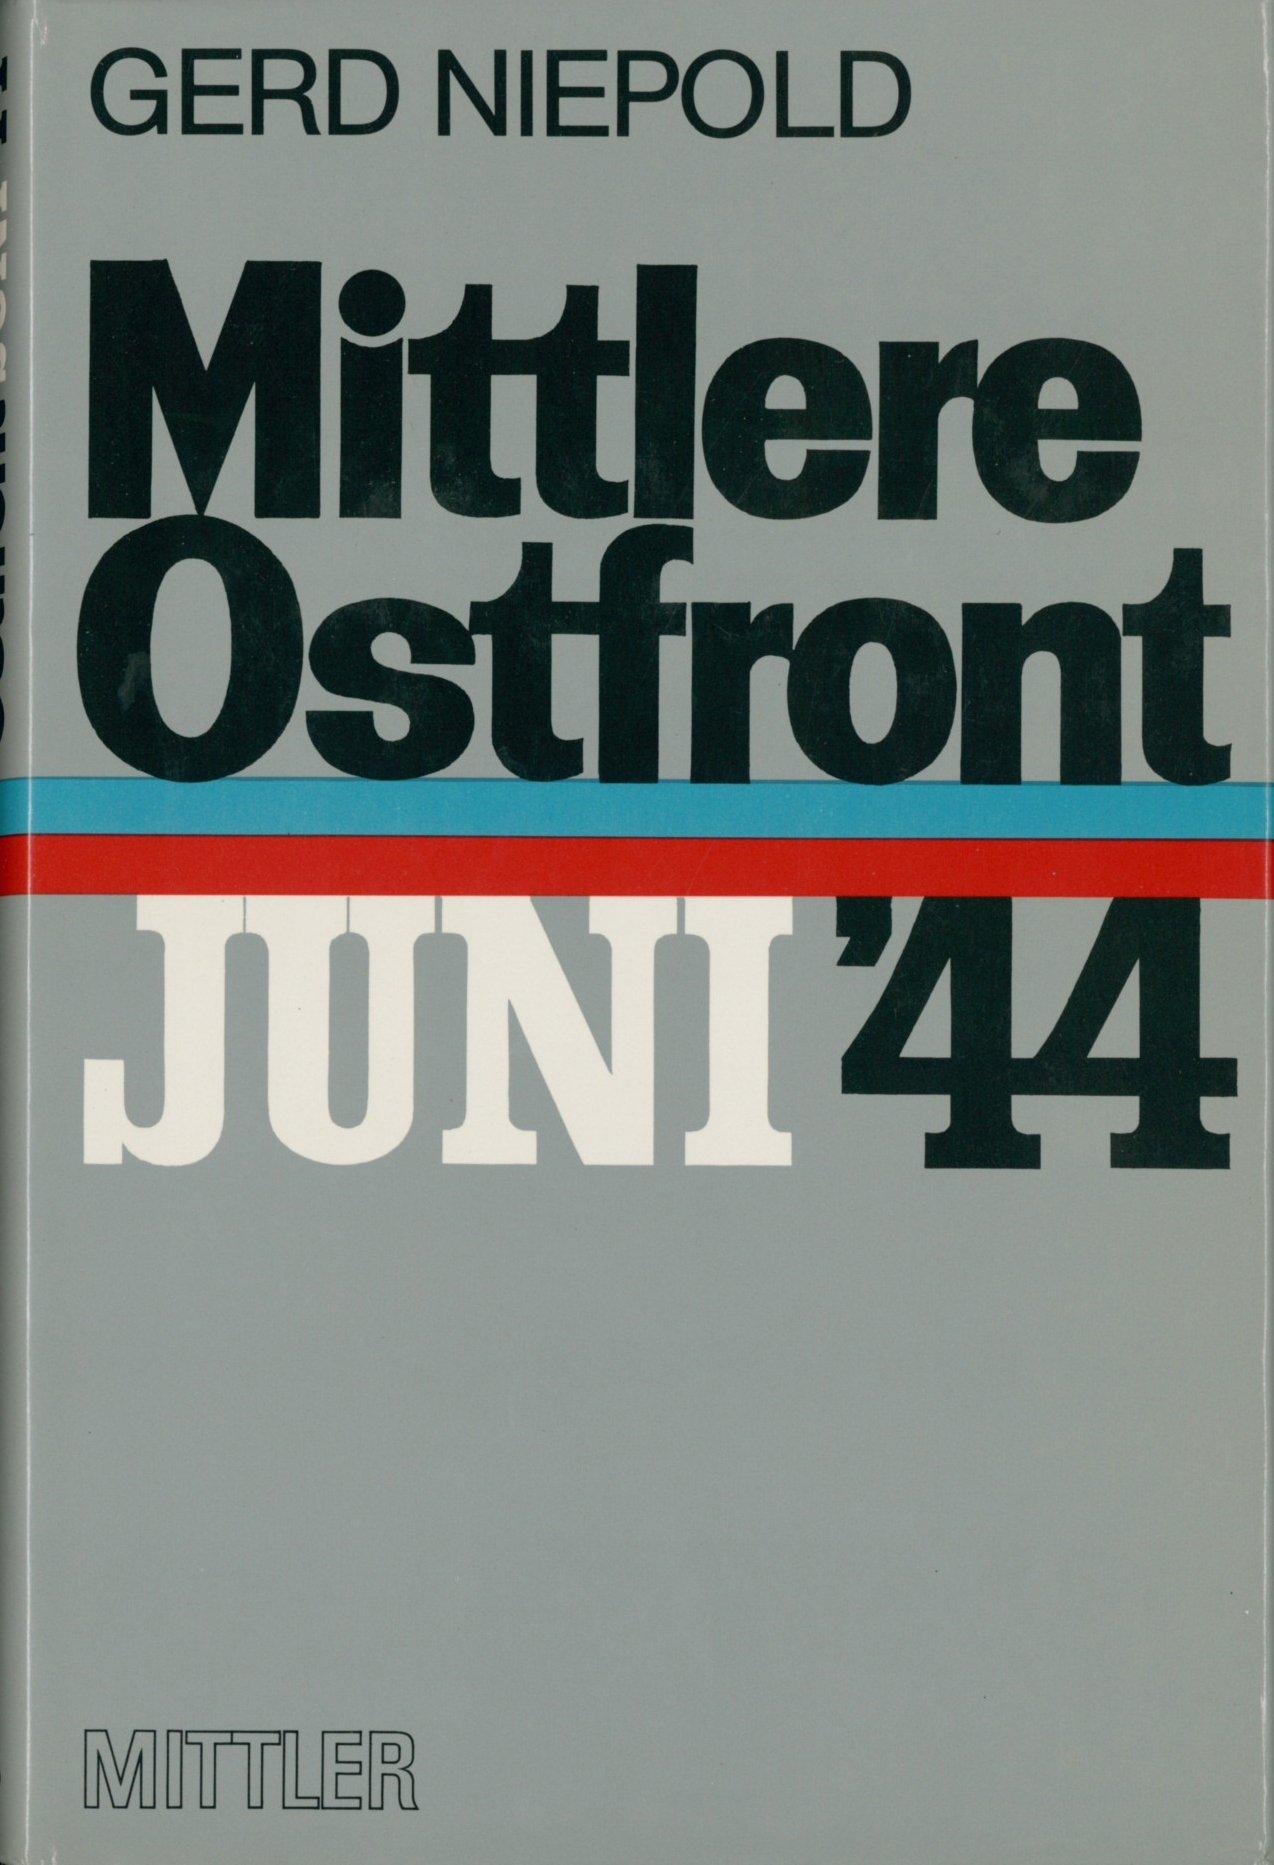 Mittlere Ostfront - Juni 1944: Der Untergang der Heeresgruppe Mitte. Darstellung - Beurteilung - Lehren. Nach deutschen und sowjetischen Quellen